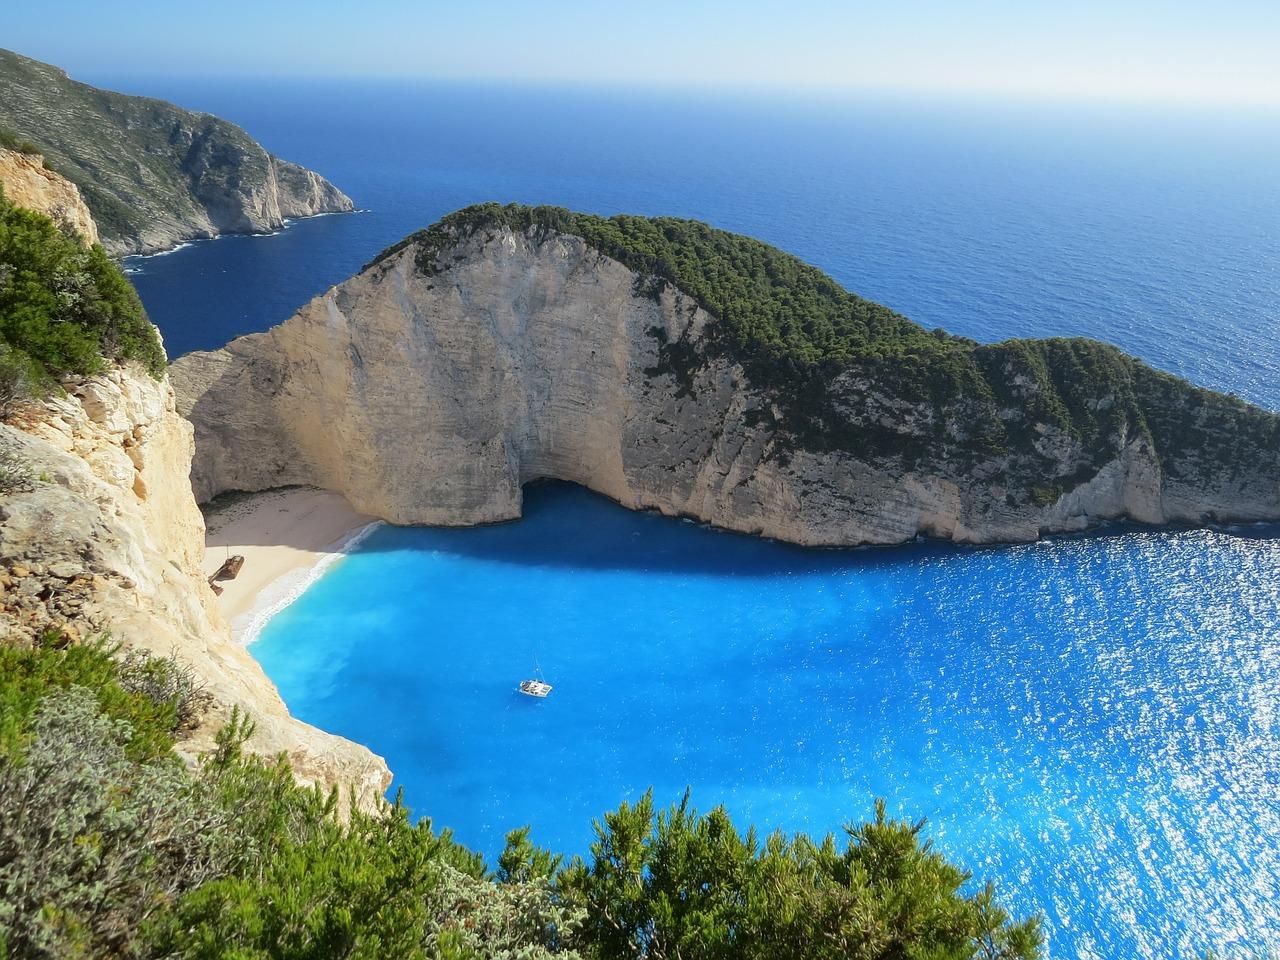 Wat is jouw vakantiebestemming dit jaar?